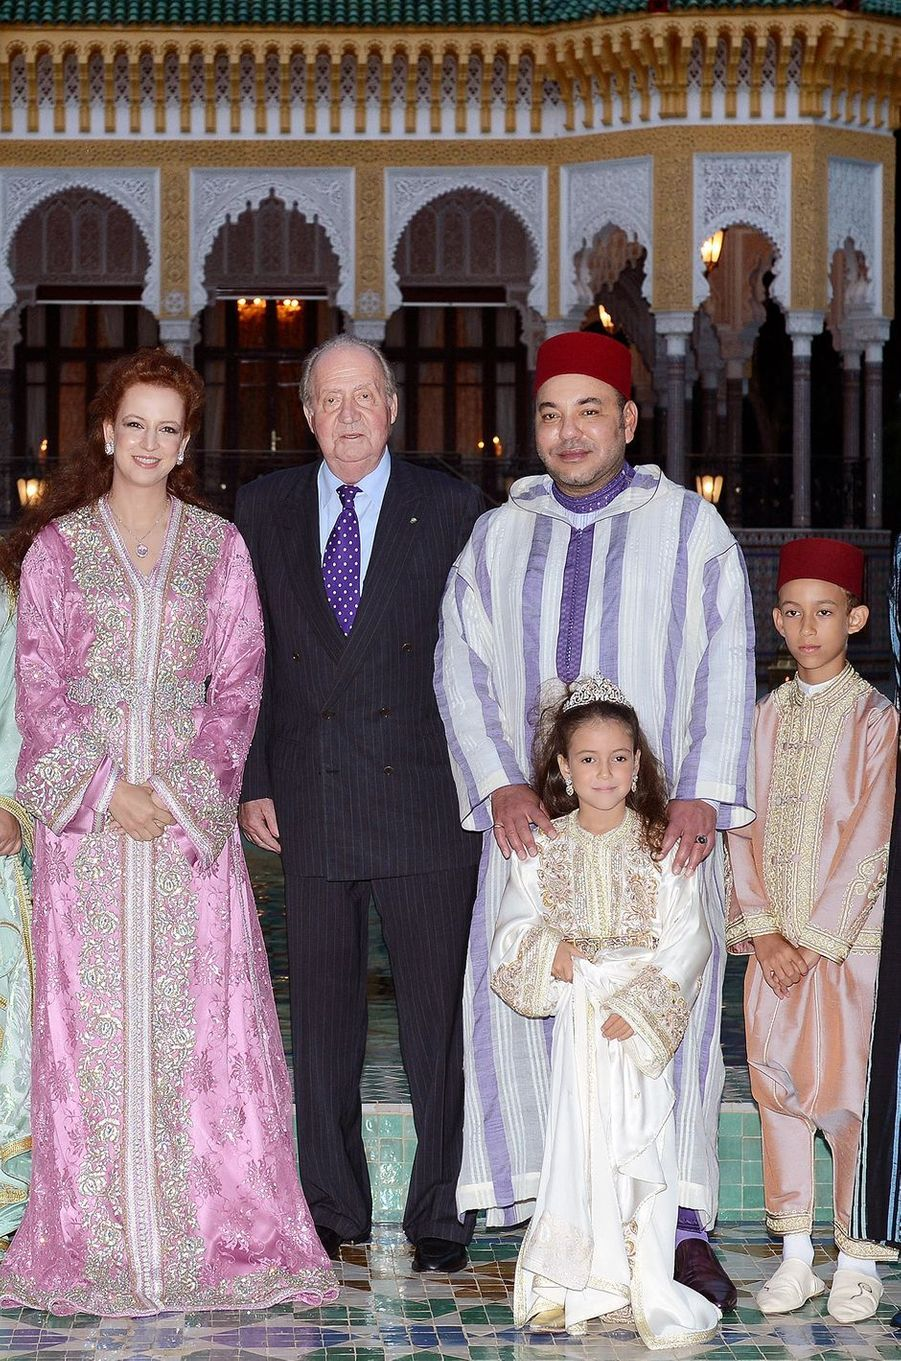 La princesse Lalla Khadija du Maroc avec ses parents, son frère et le roi Juan Carlos d'Espagne, le 15 juillet 2013